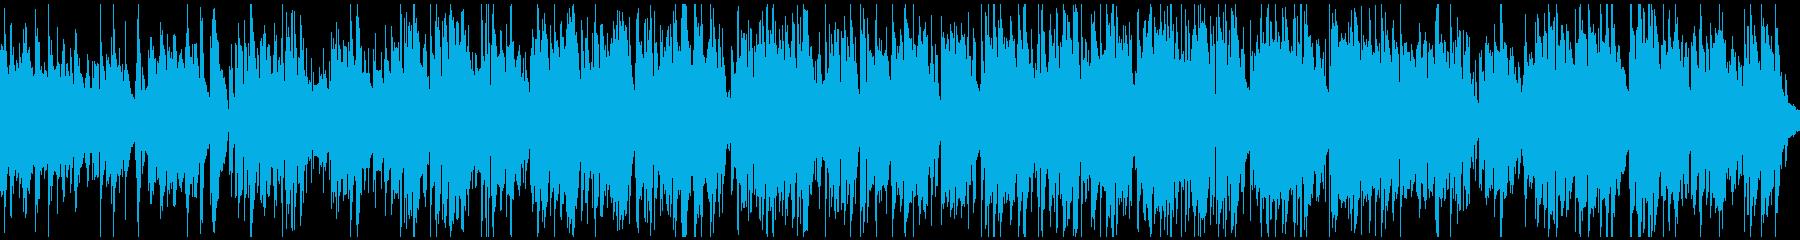 バリトンサックス生演奏のジャズ※ループ版の再生済みの波形